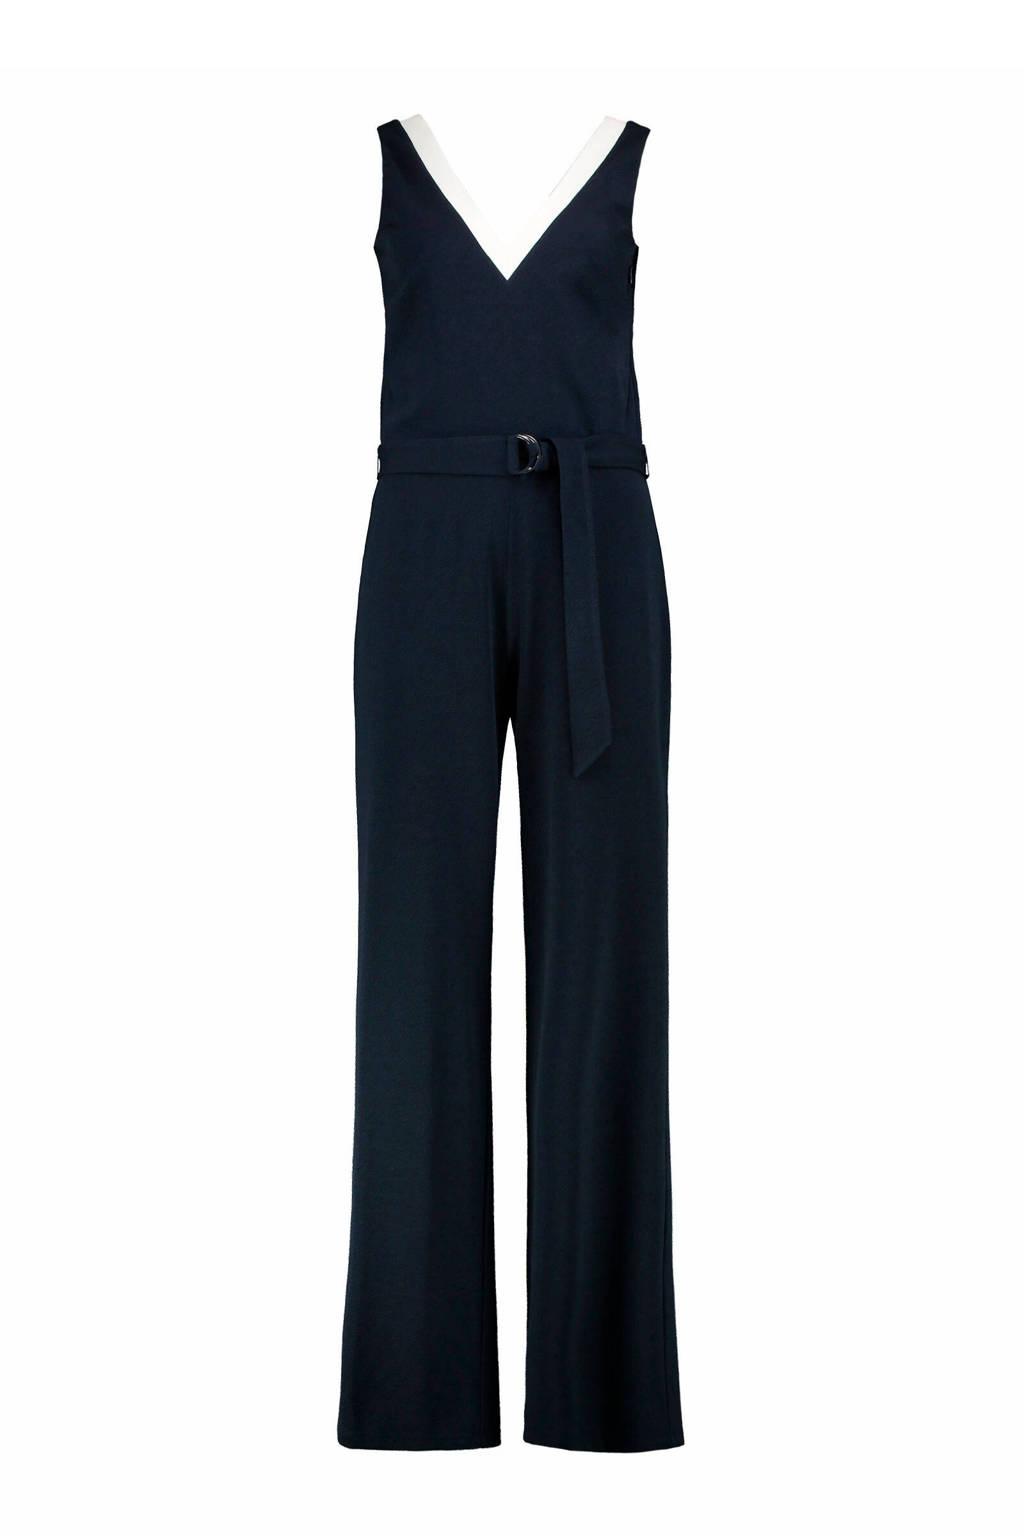 Claudia Sträter jumpsuit marineblauw/wit, Marineblauw/wit